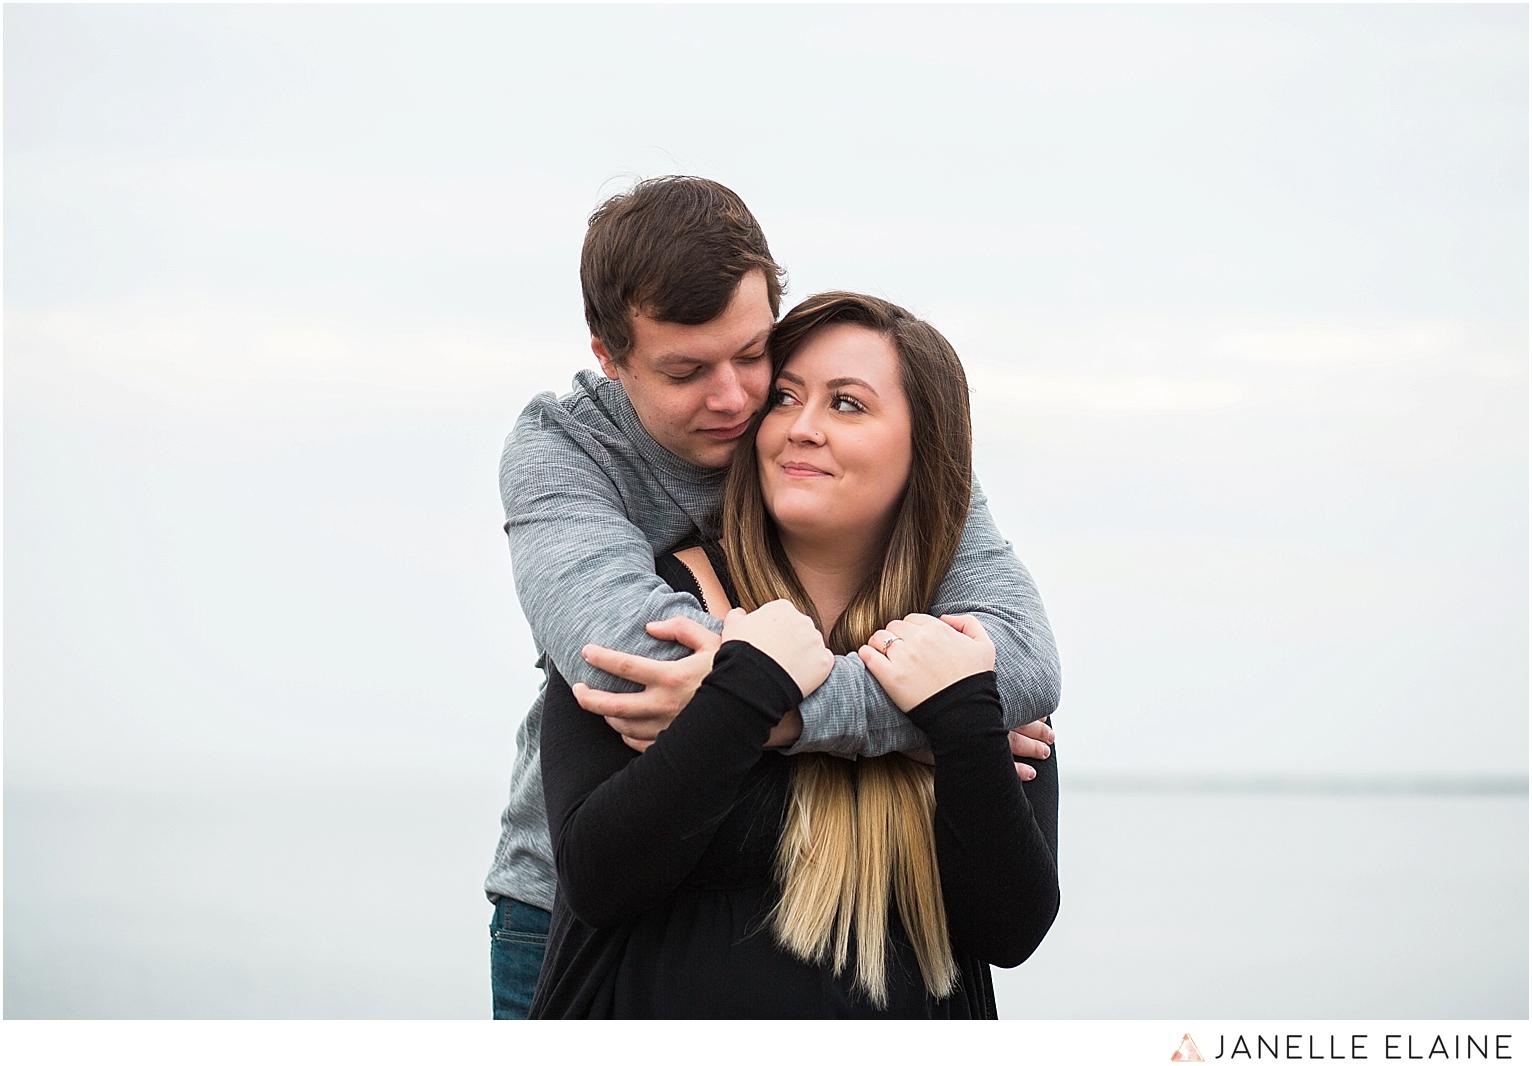 seattle-washington-engagement-photographers-janelle elaine-113.jpg